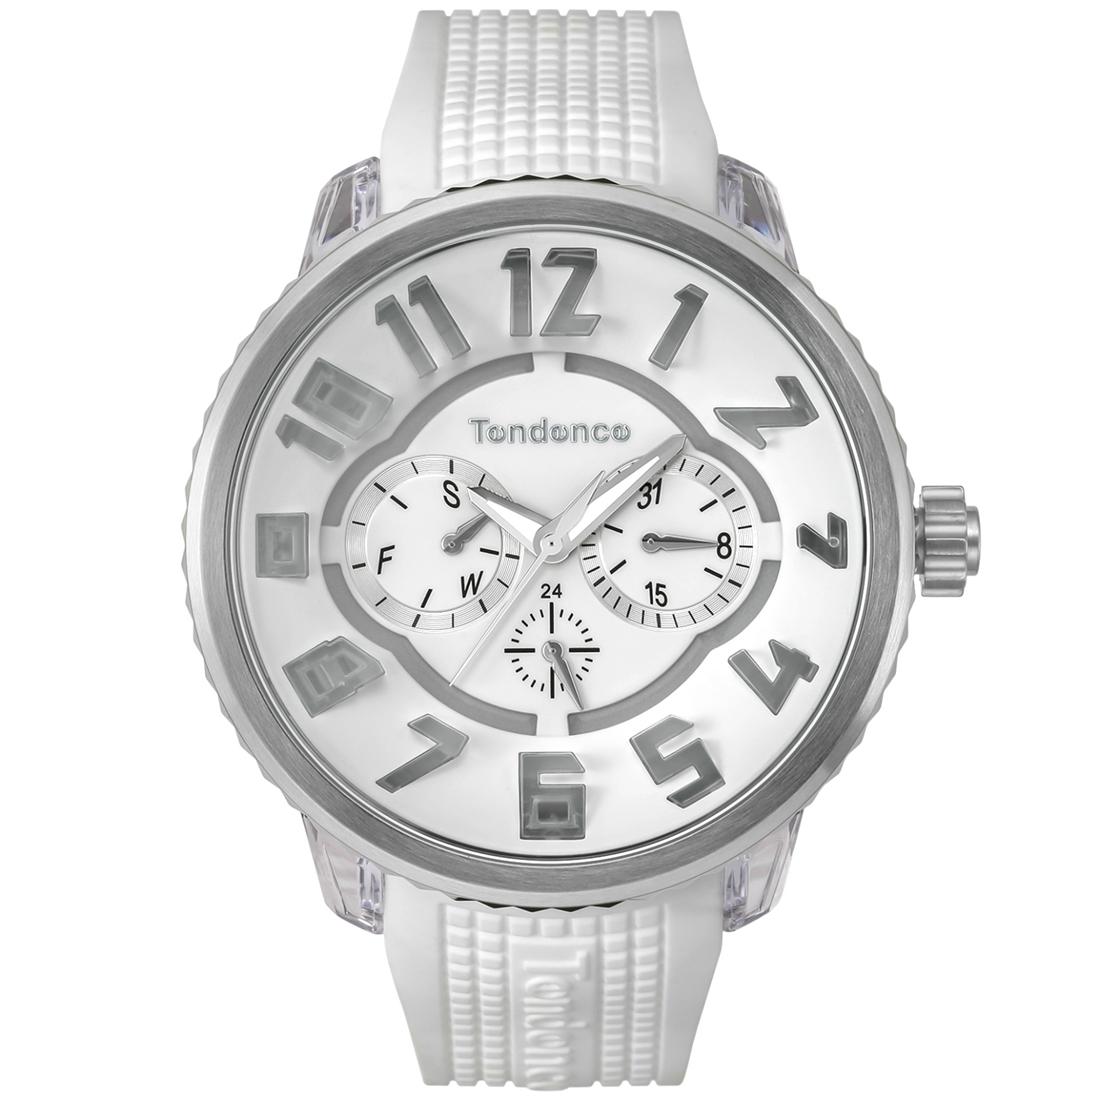 【今ならオーバーサイズノートプレゼント】 テンデンス Tendence TY562002 フラッシュ 正規品 腕時計